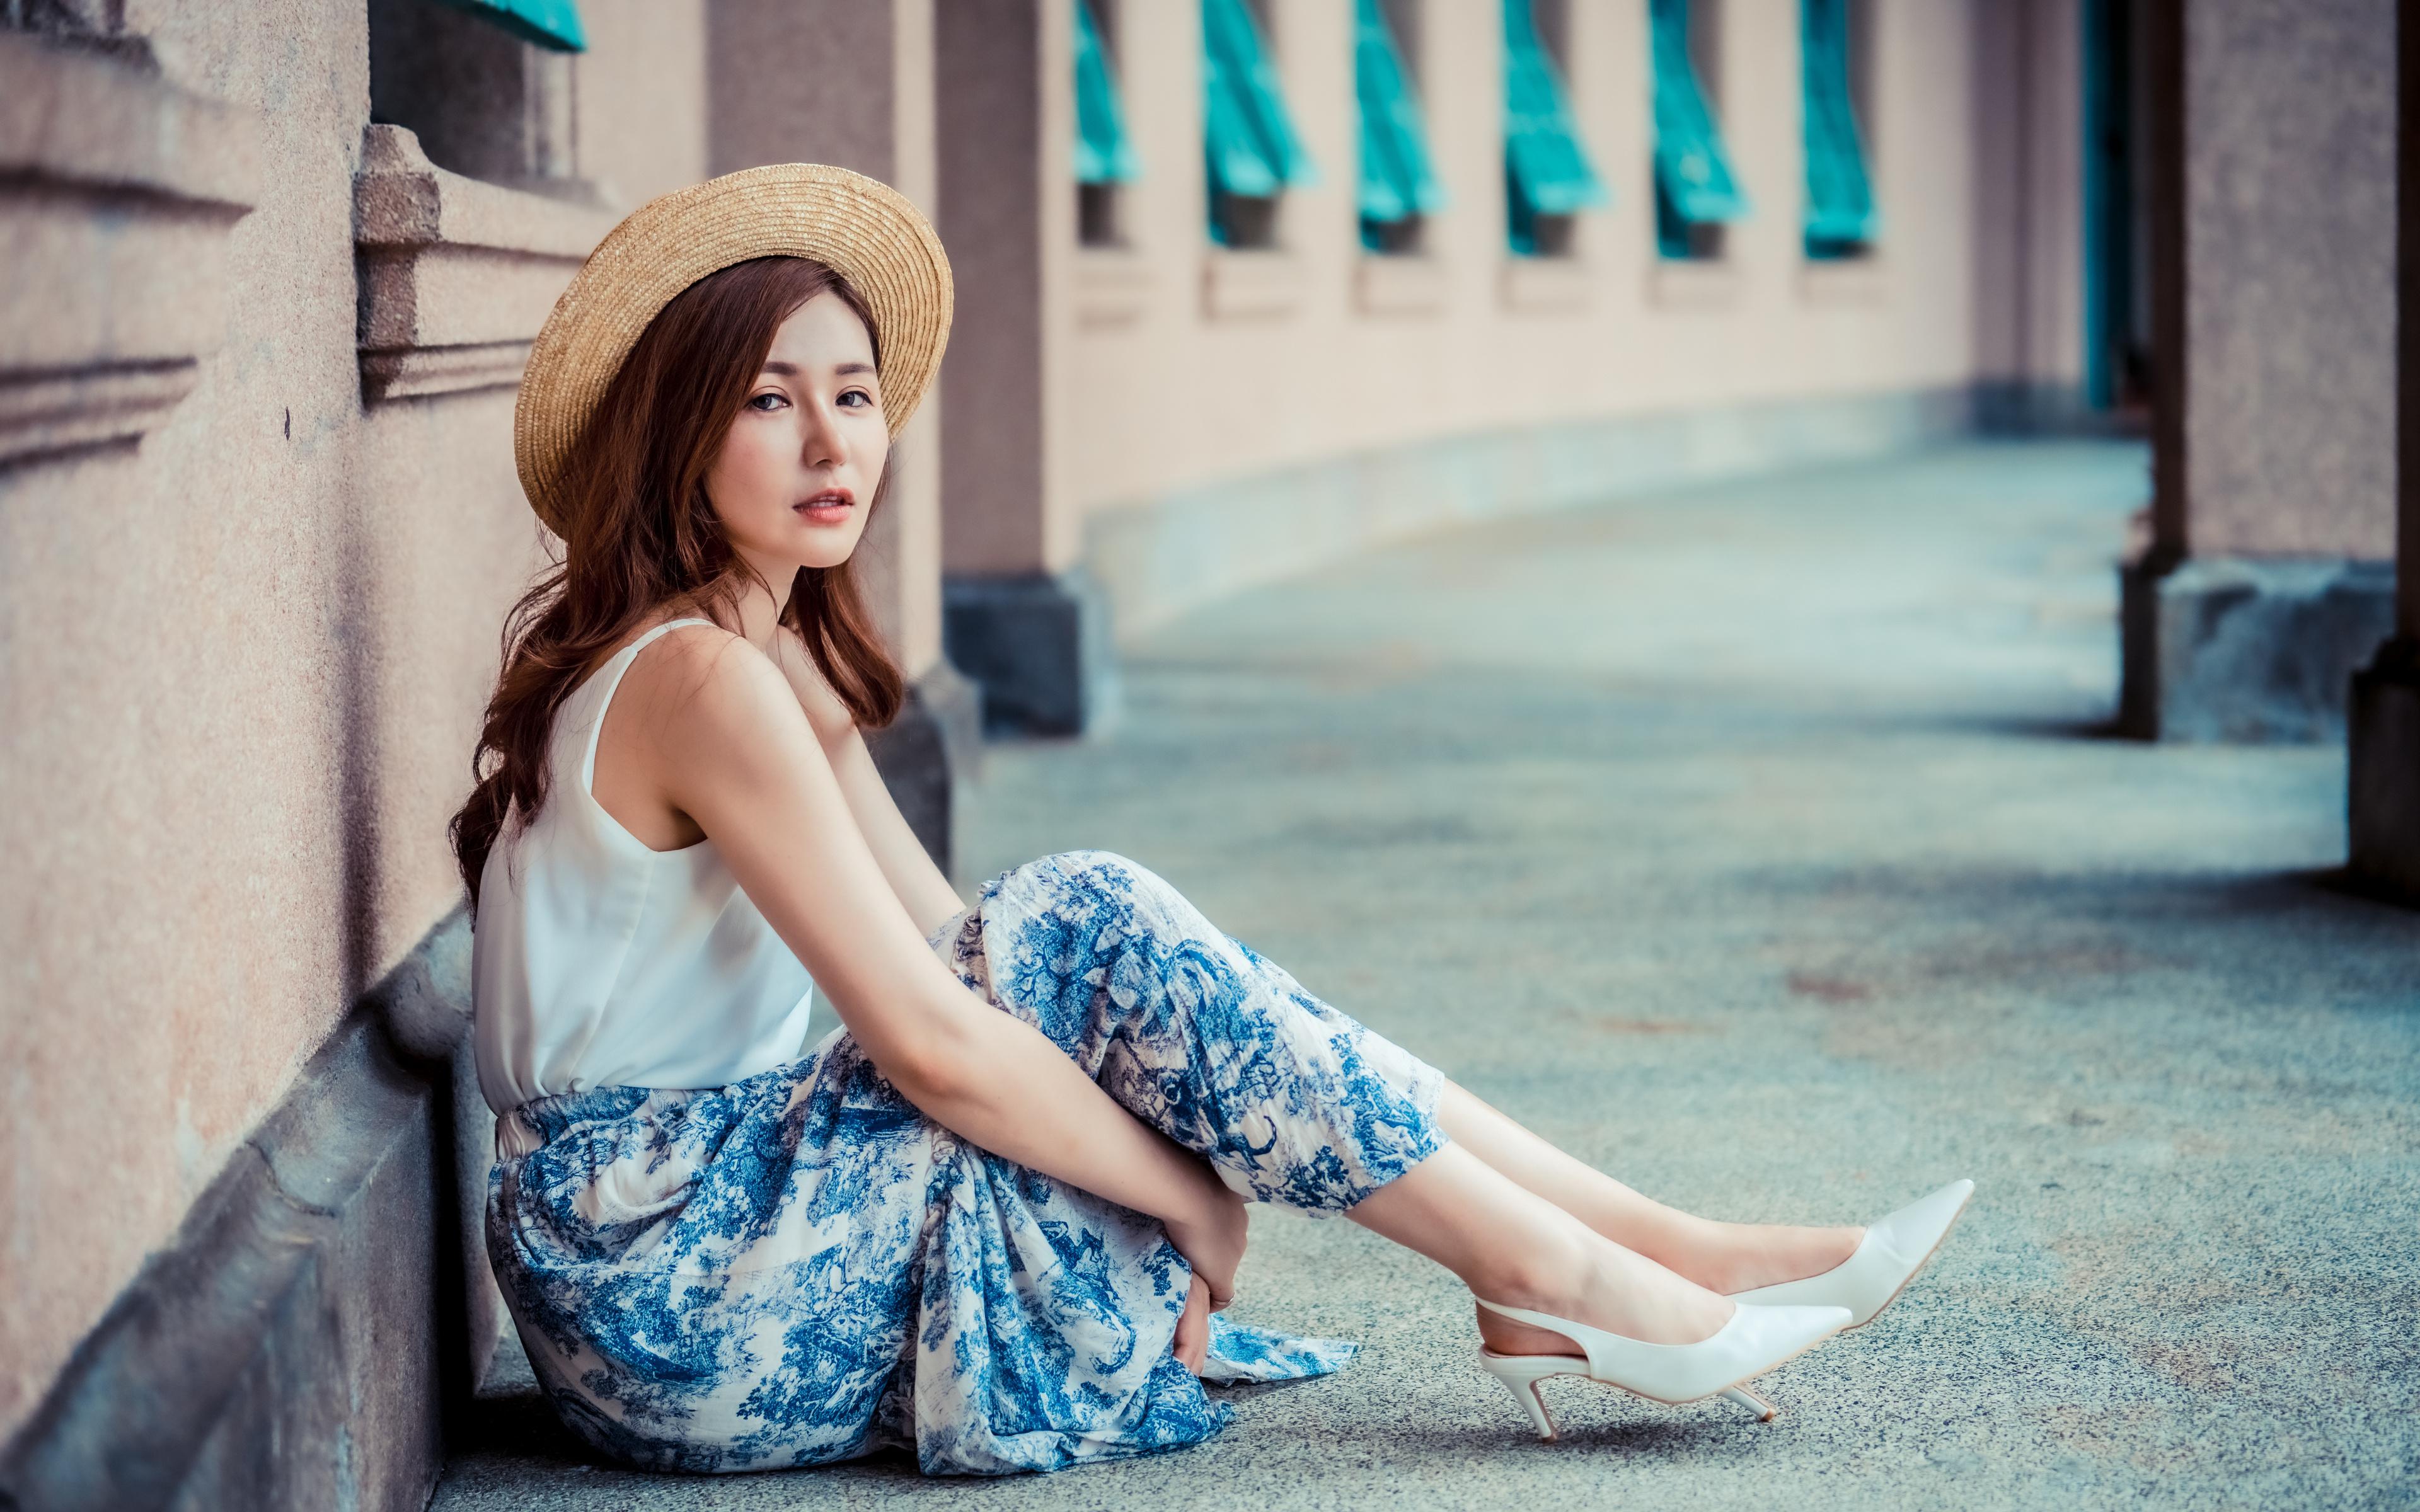 Bilder von Rock Der Hut Mädchens Asiatische sitzt Blick 3840x2400 junge frau junge Frauen Asiaten asiatisches sitzen Sitzend Starren